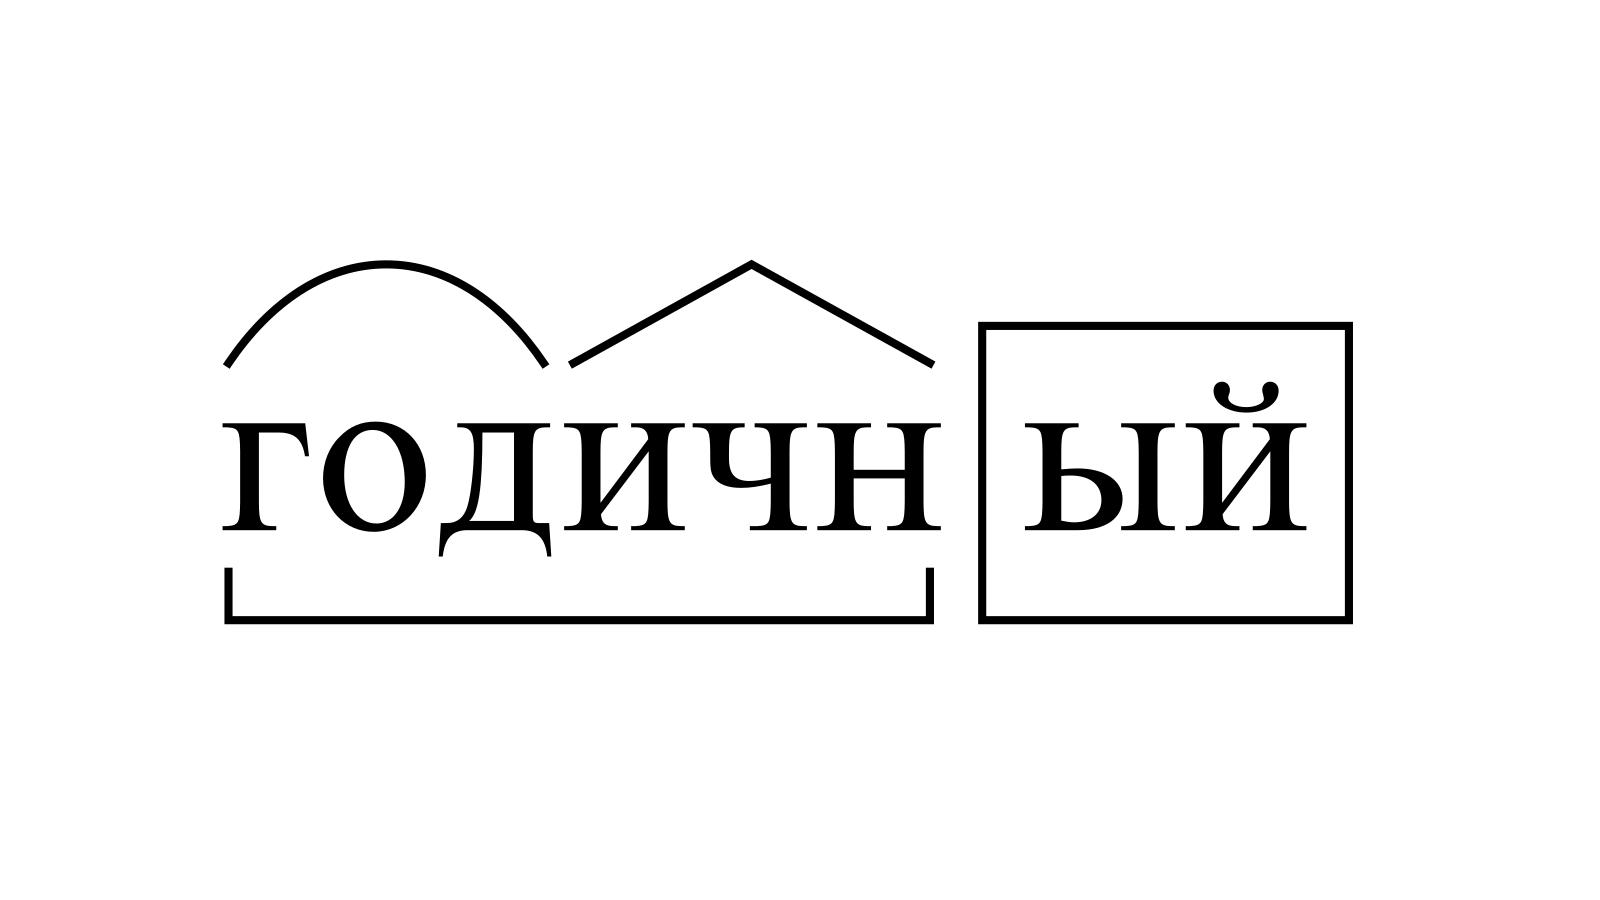 Разбор слова «годичный» по составу